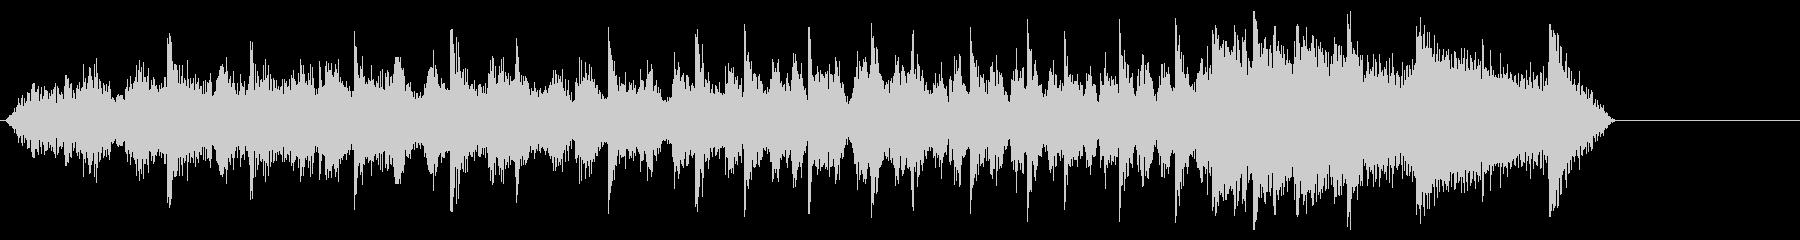 音楽効果;起動、再生、停止の長いア...の未再生の波形